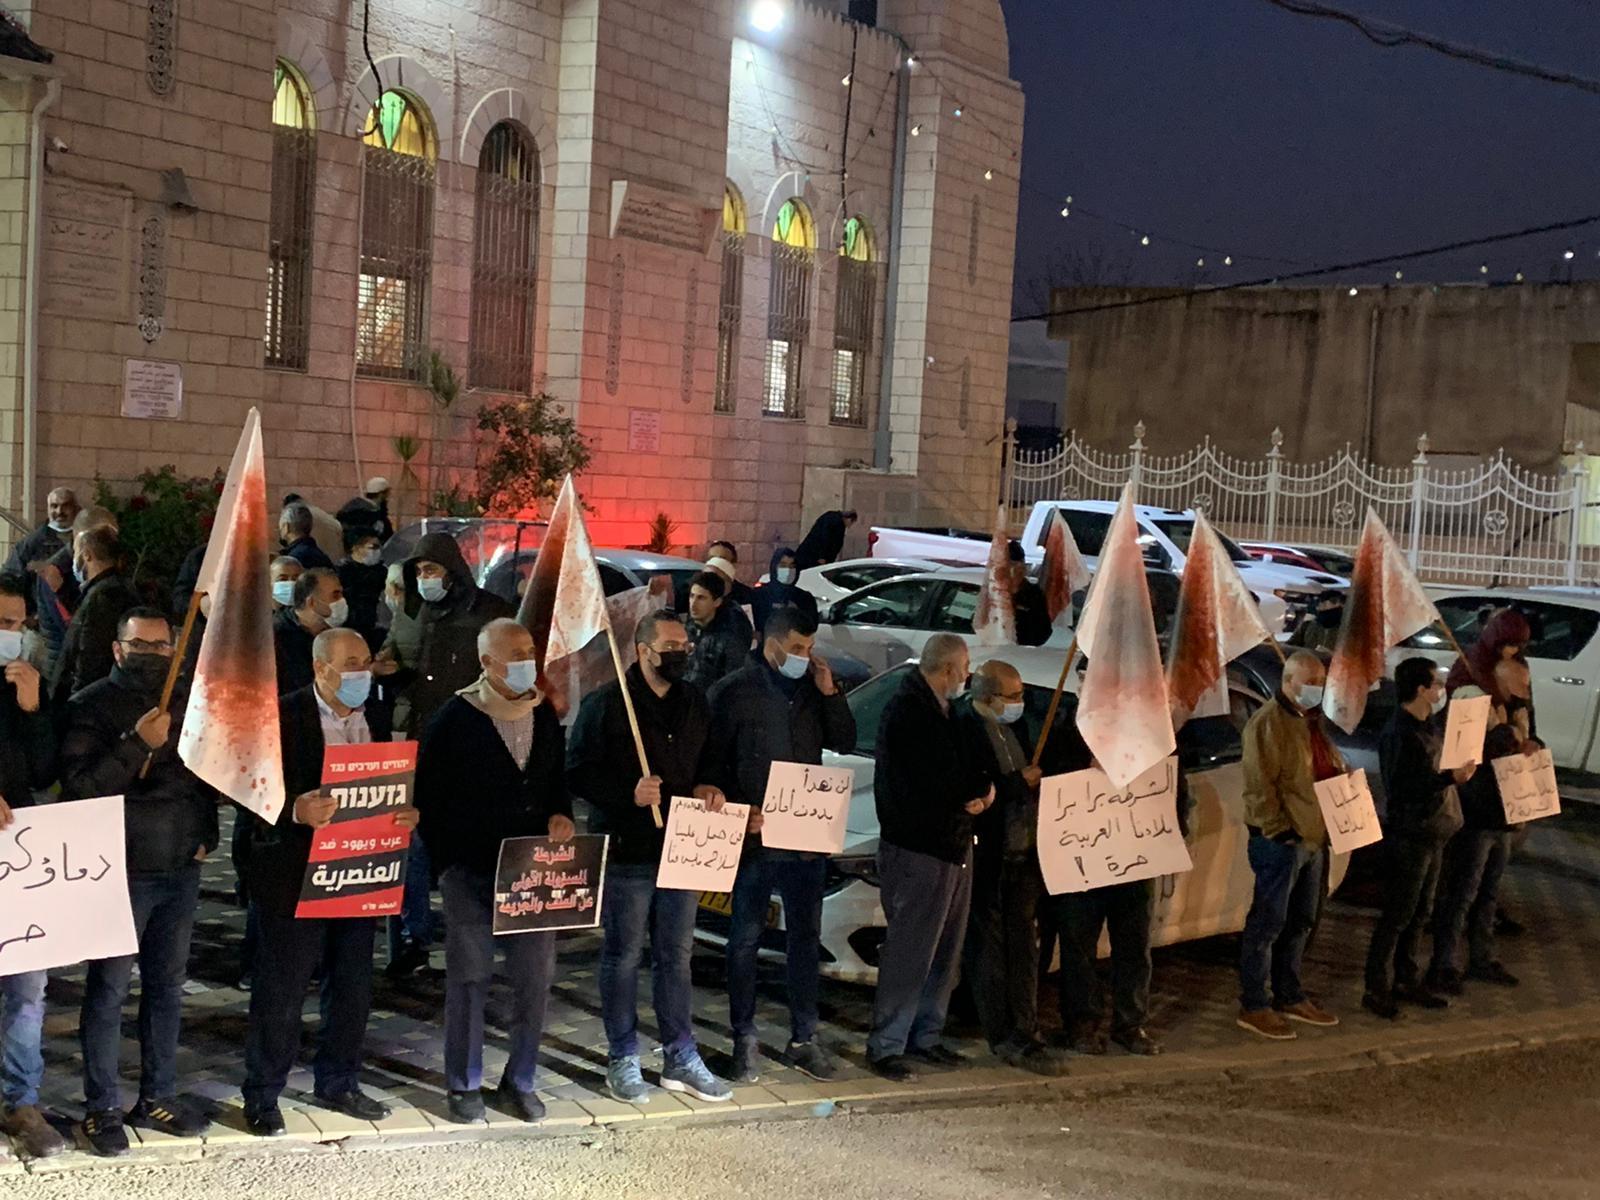 تظاهرة في باقة الغربية ووقفات في طمرة وكفرقرع رفضا للعنف والجريمة